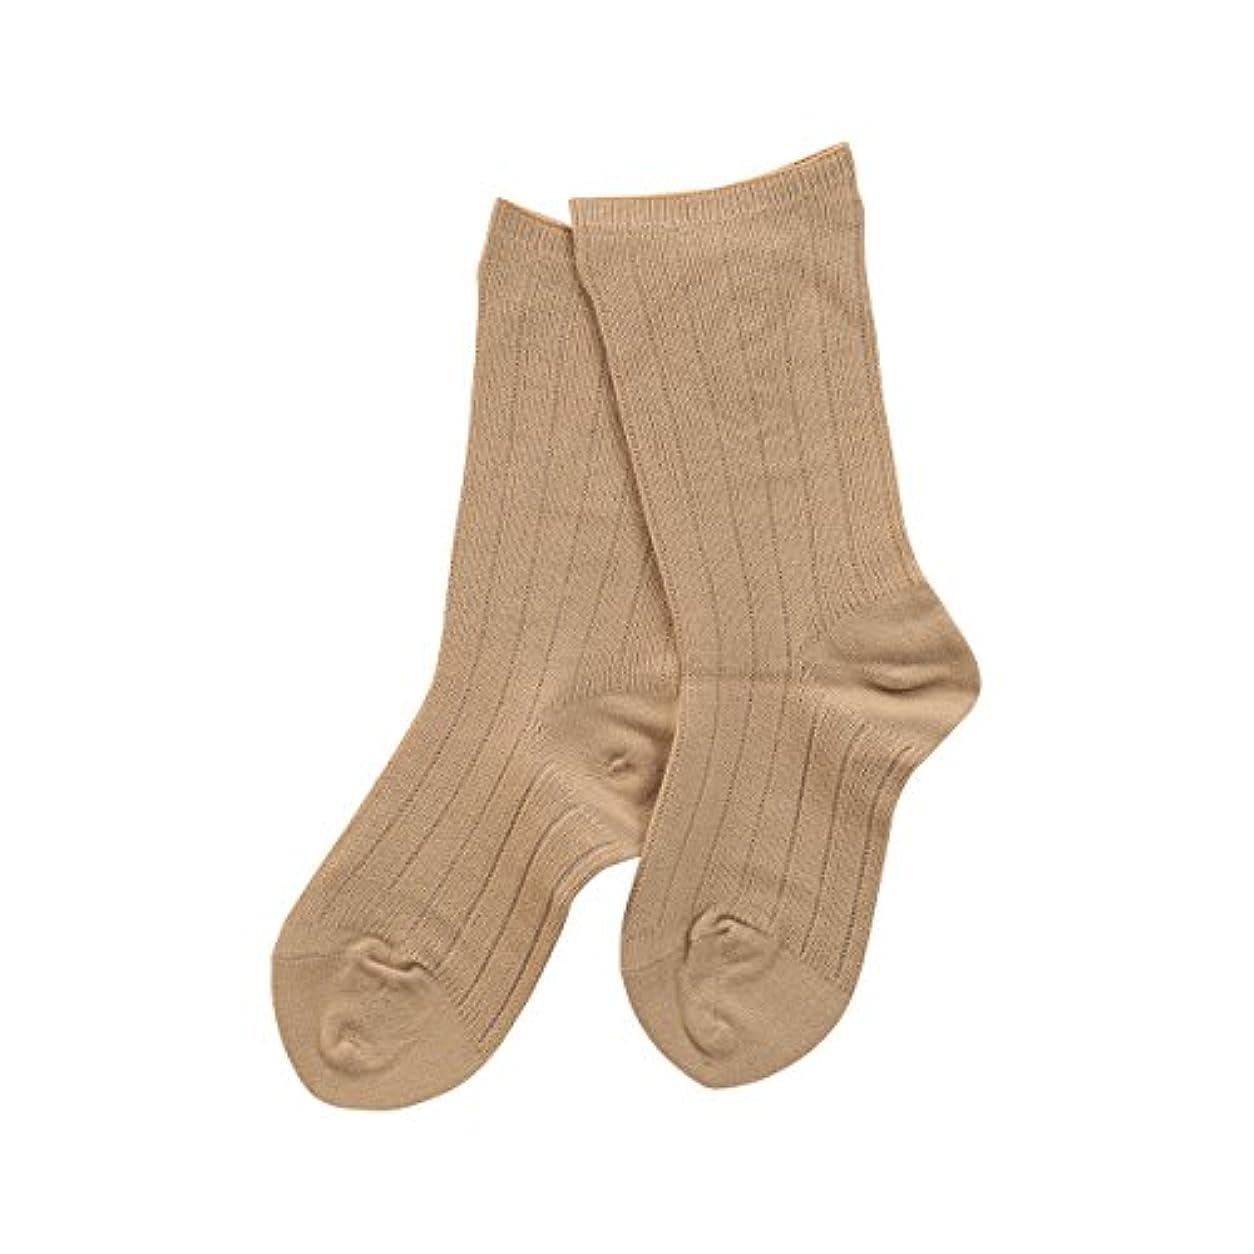 面白い資産スキャンダラス(コベス) KOBES ゴムなし 毛混 超ゆったり靴下 日本製 婦人靴下